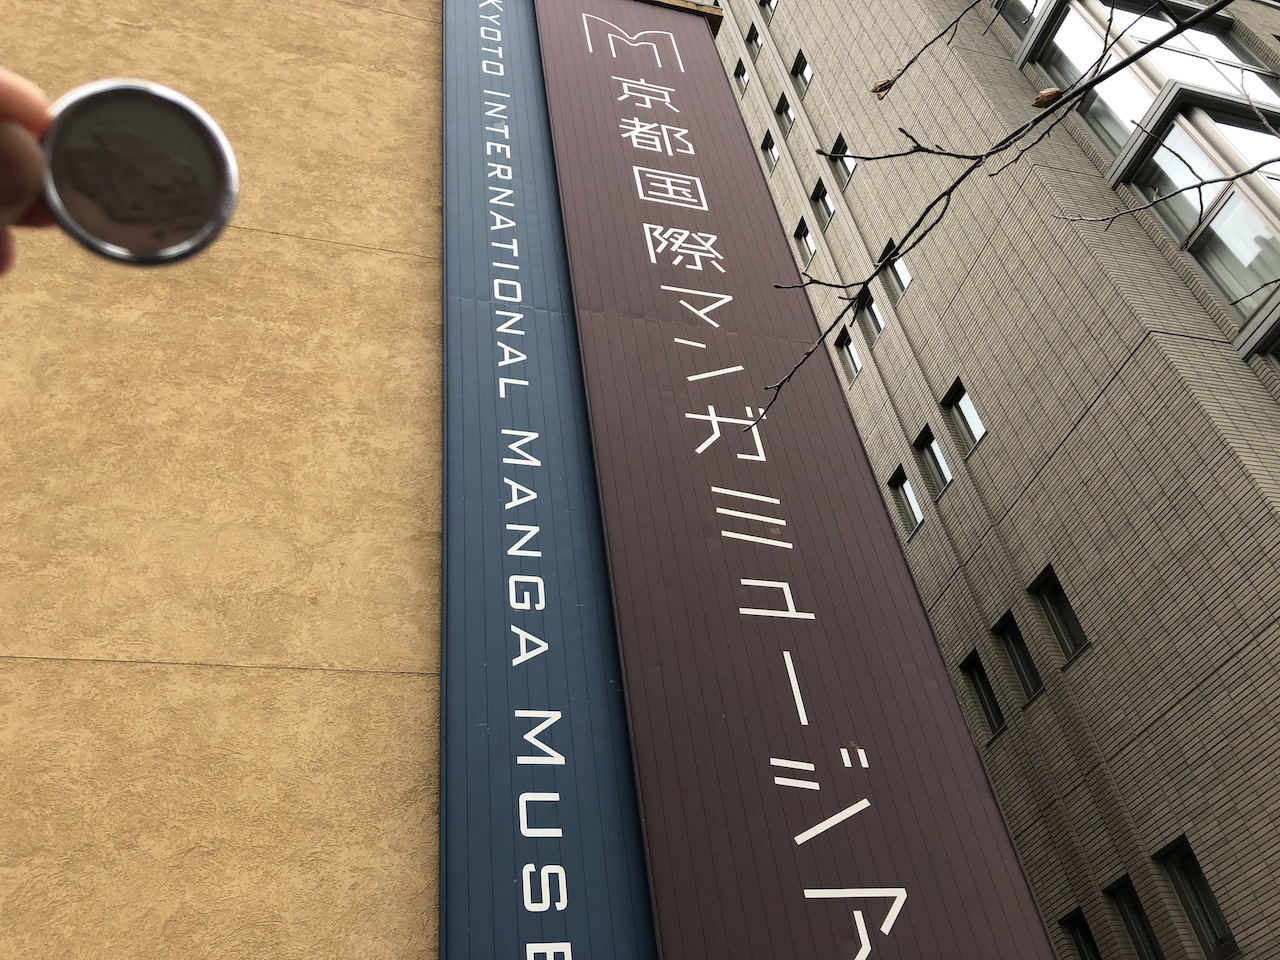 京都国際マンガミュージアム外観1